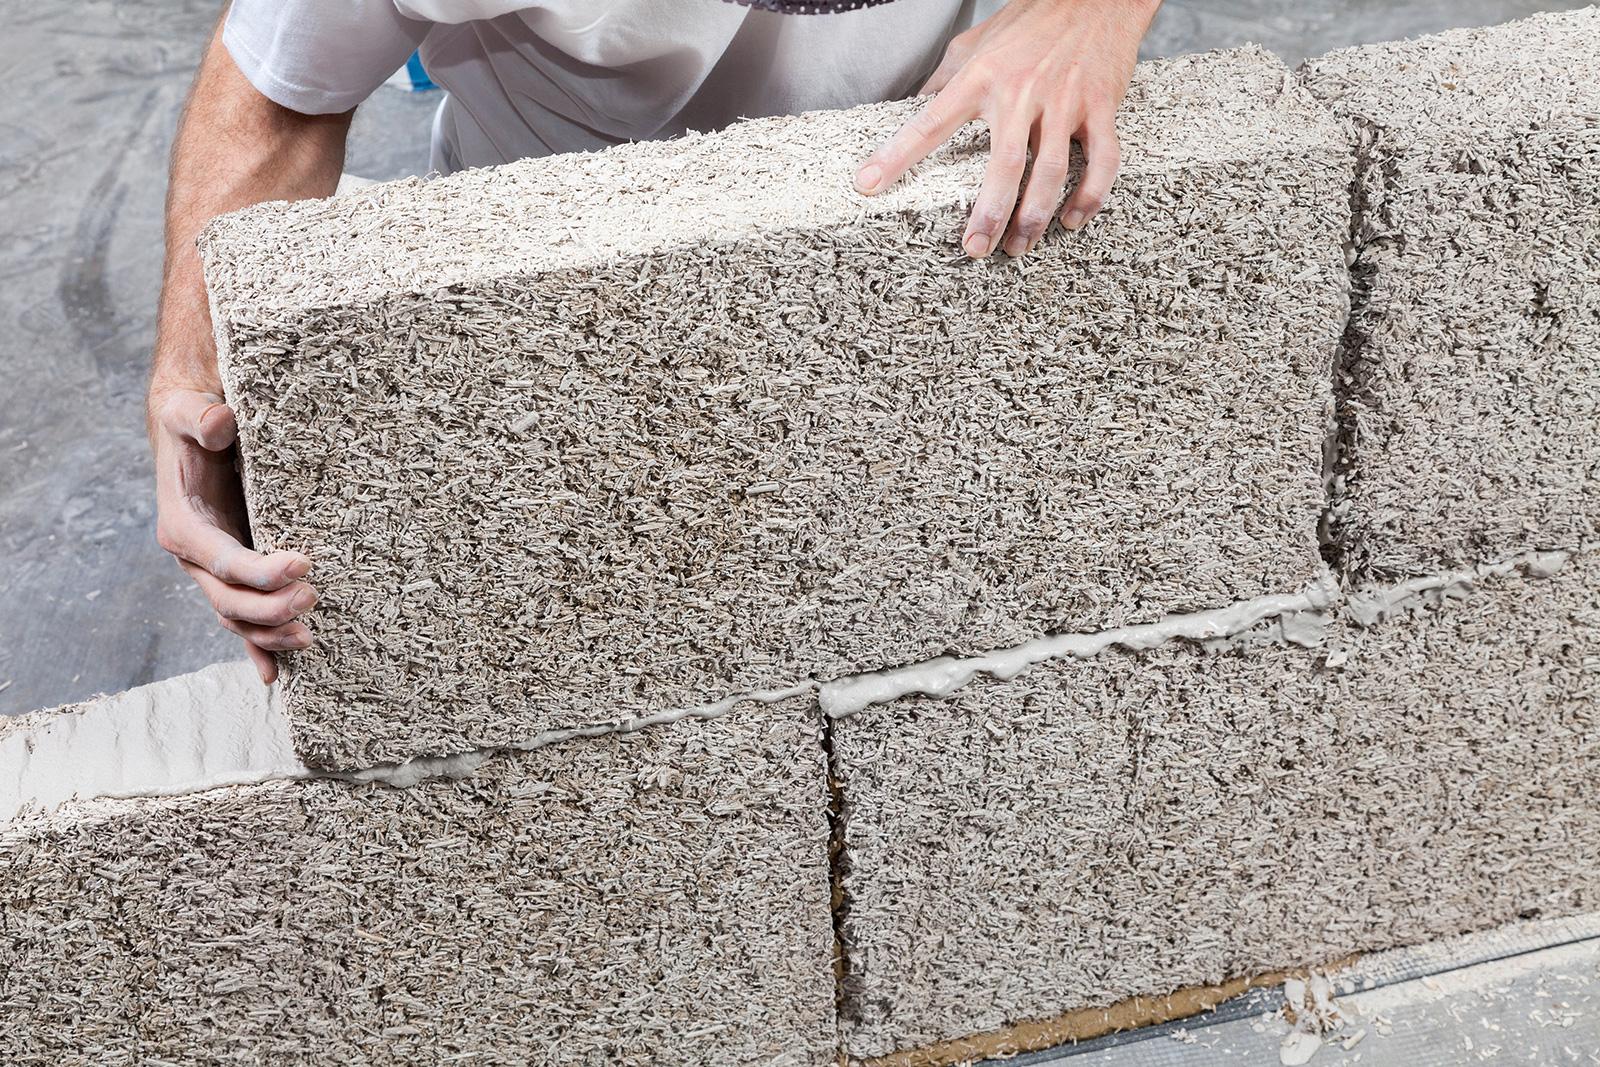 Tham khảo những xu hướng vật liệu xây dựng mới nhất năm 2021 - Ảnh 15.